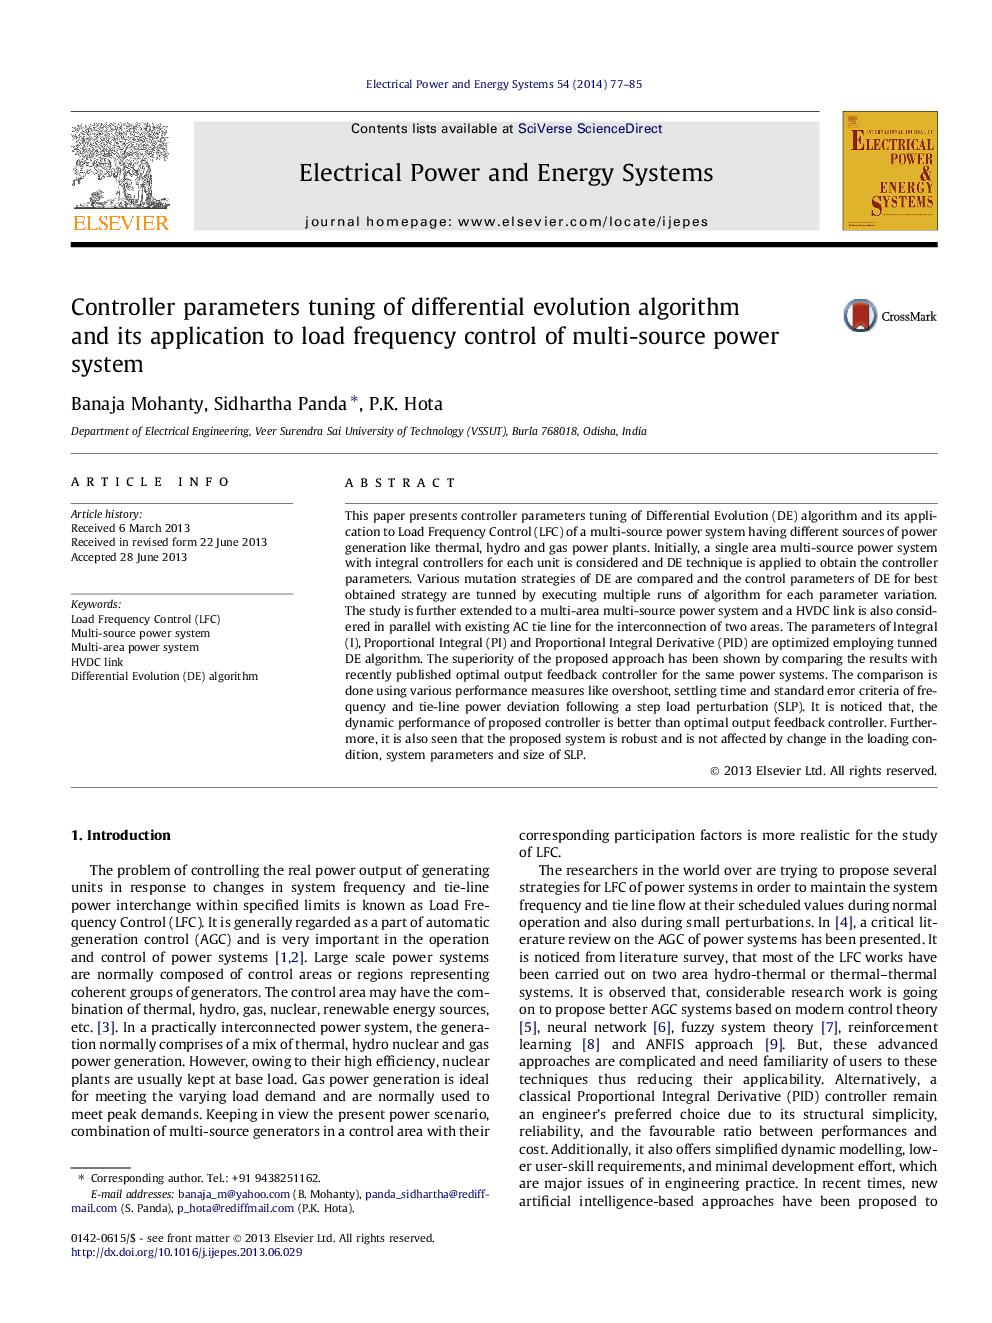 تنظیم پارامترهای کنترلر الگوریتم تکامل تفاضلی و کاربرد آن در کنترل بار فرکانس سیستم قدرت چندمنبعی